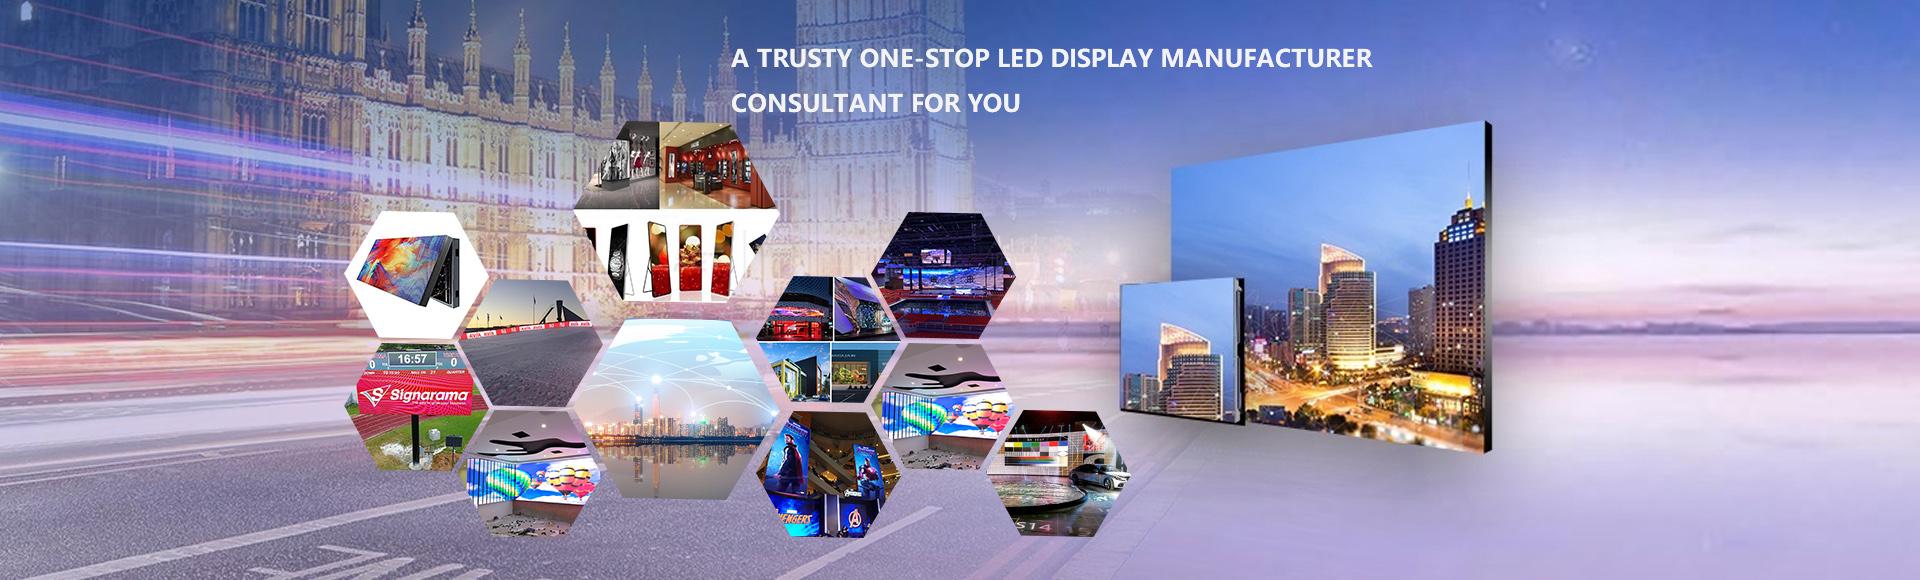 manufacturer banner